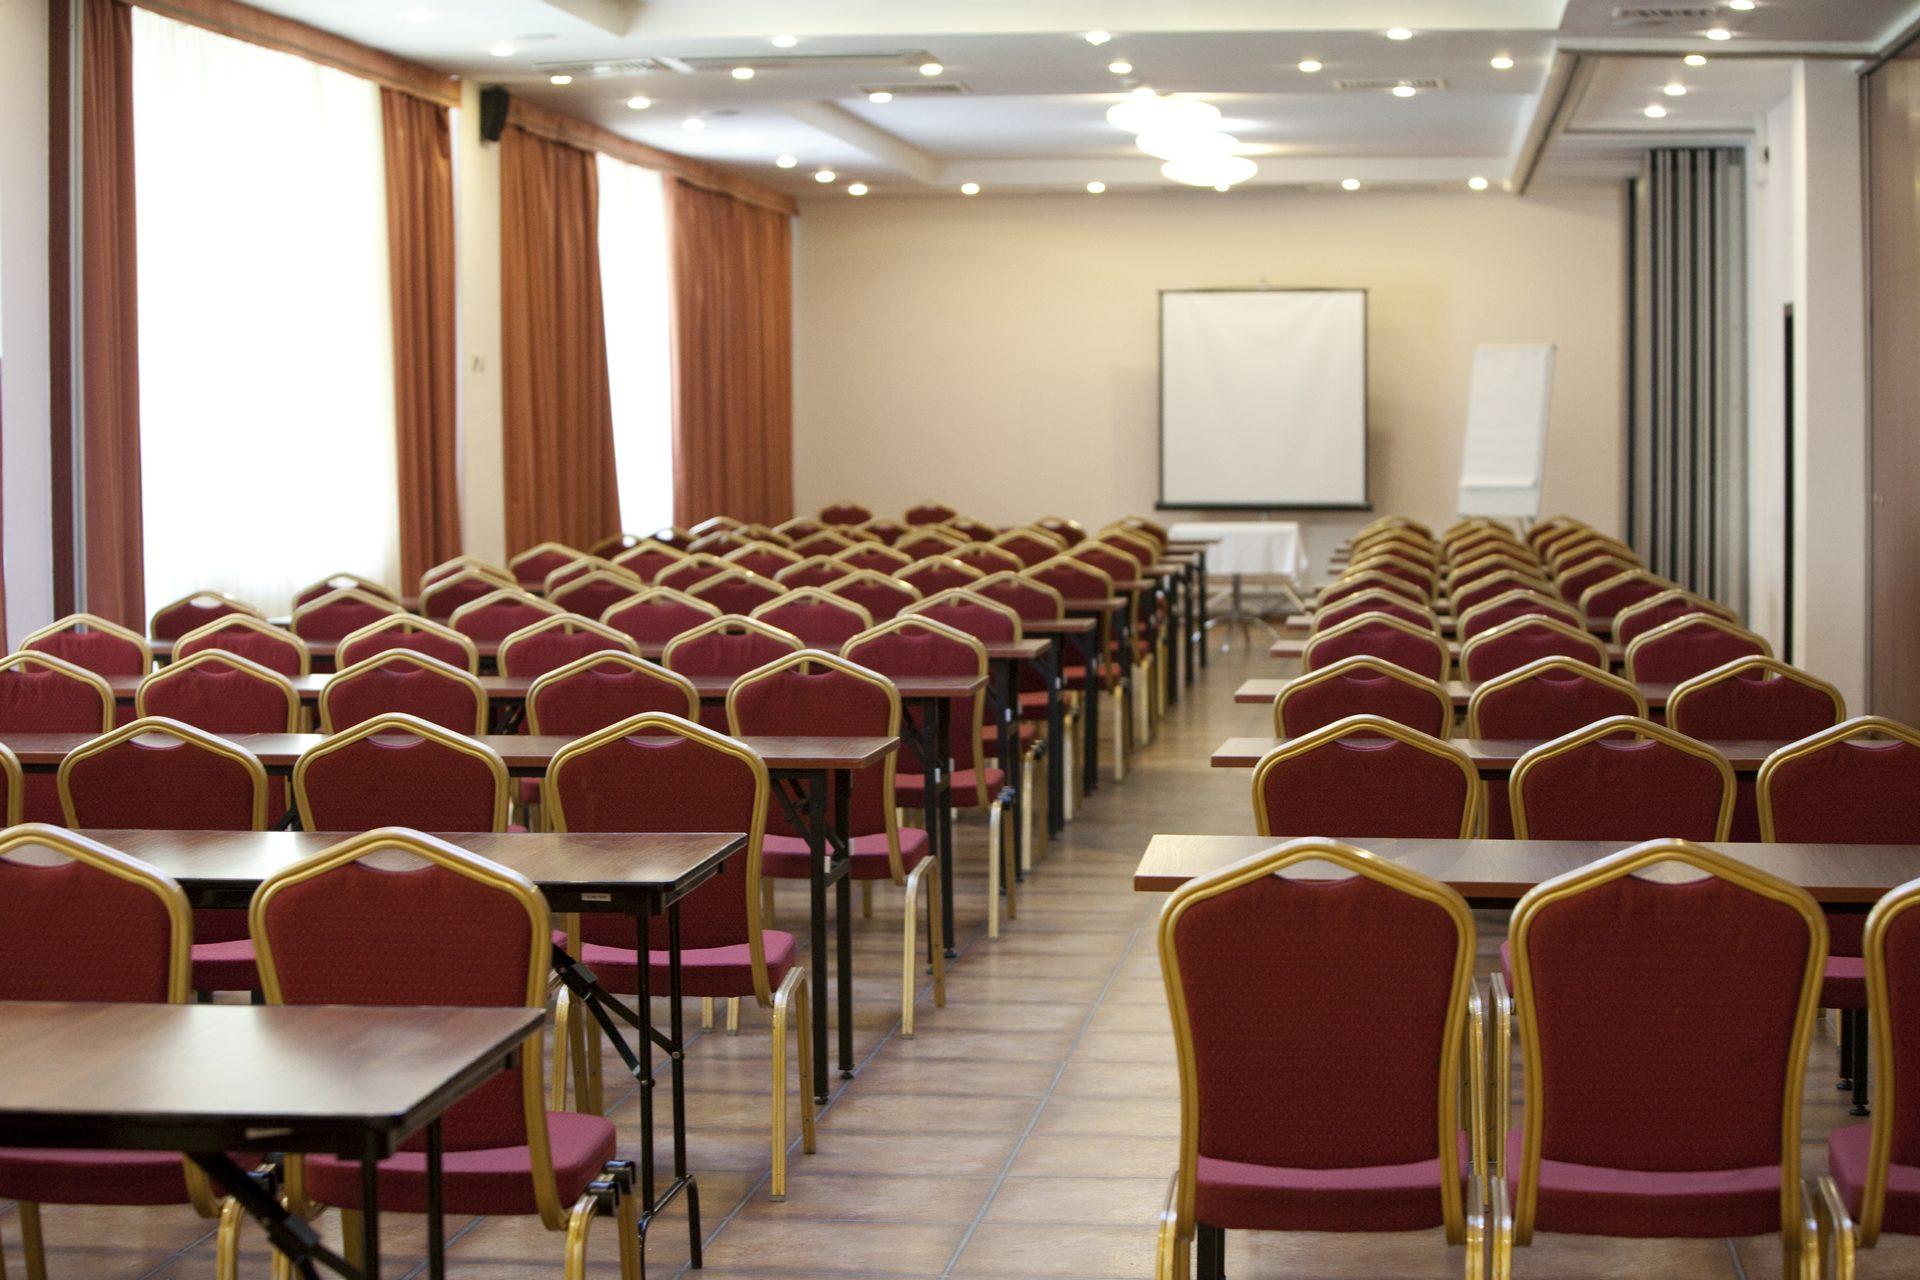 Конференц-зал №1, №2, №3, №4, №5, №6 и «Трансформер» в Яхонты Истра